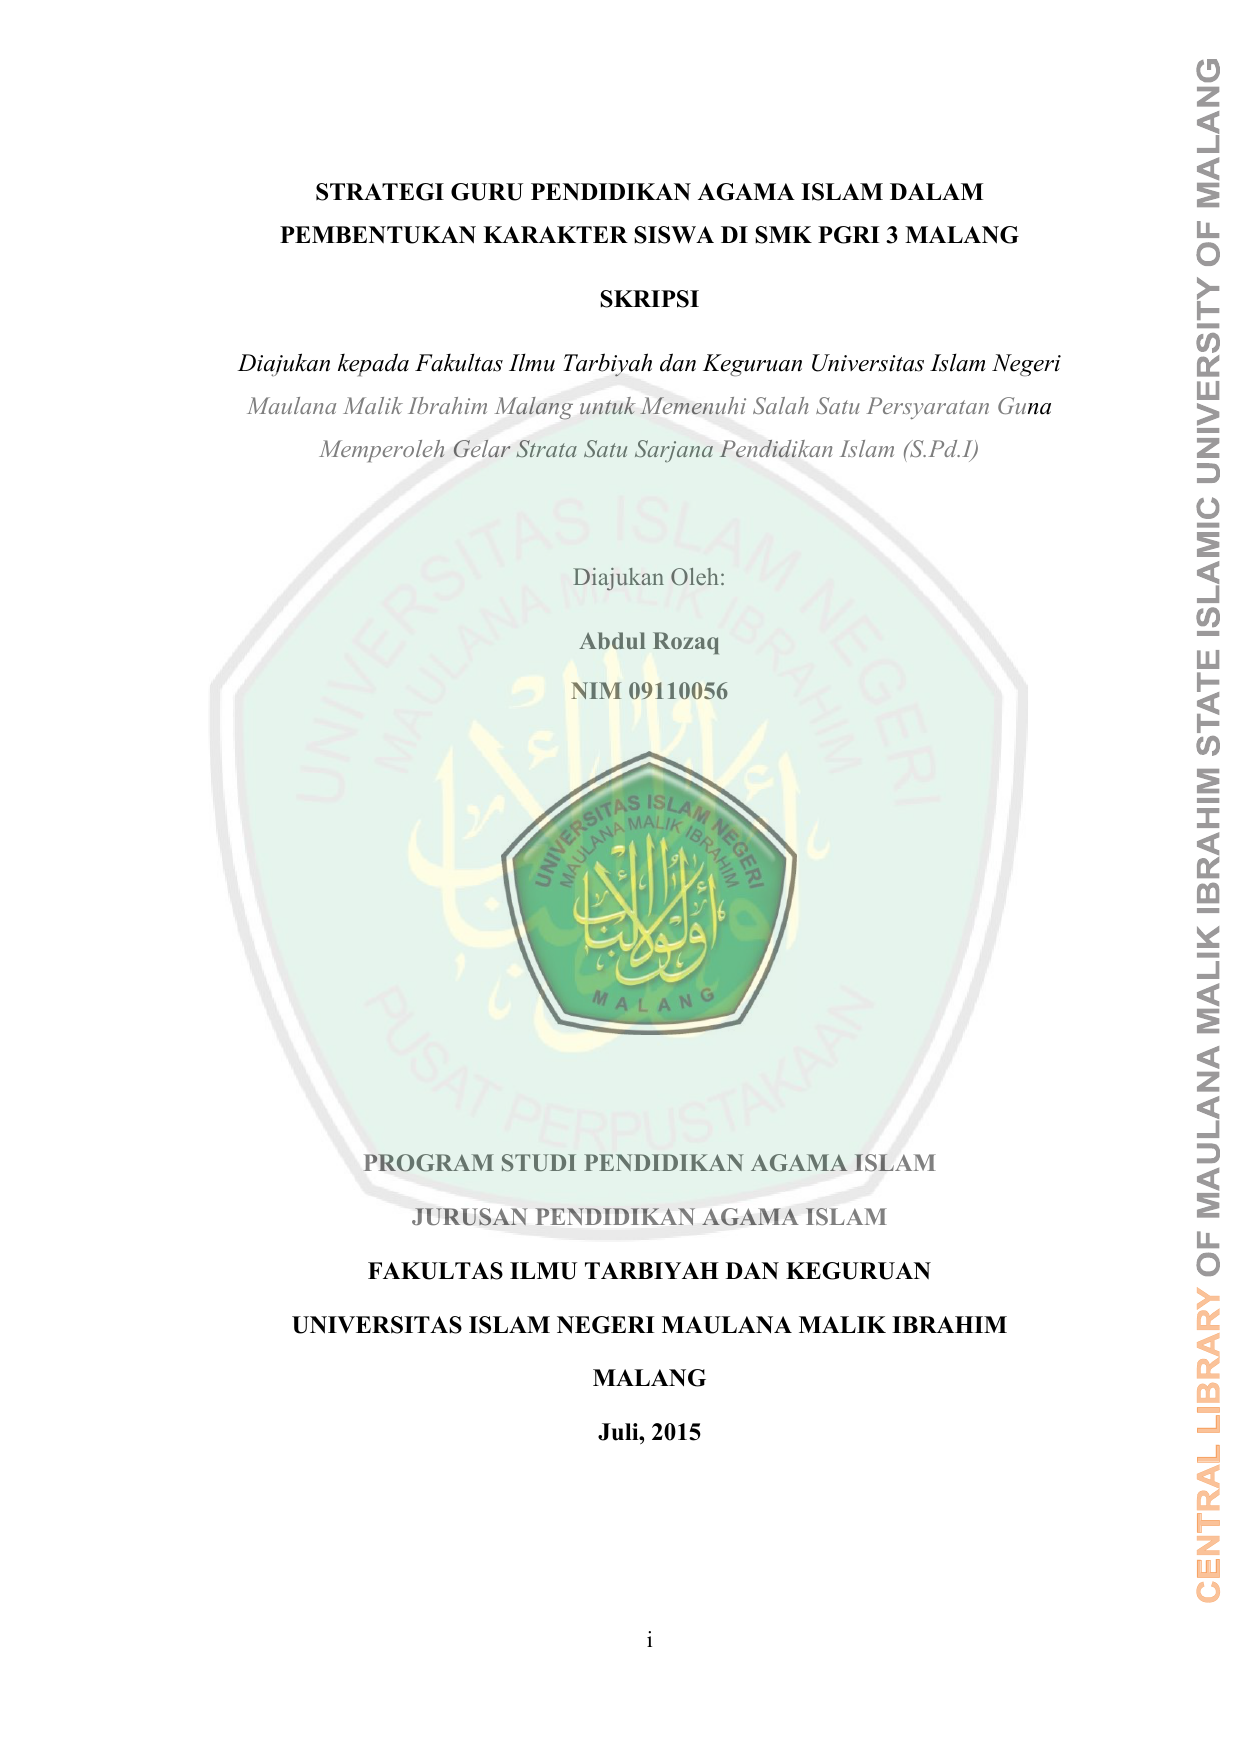 Strategi Guru Pendidikan Agama Islam Dalam